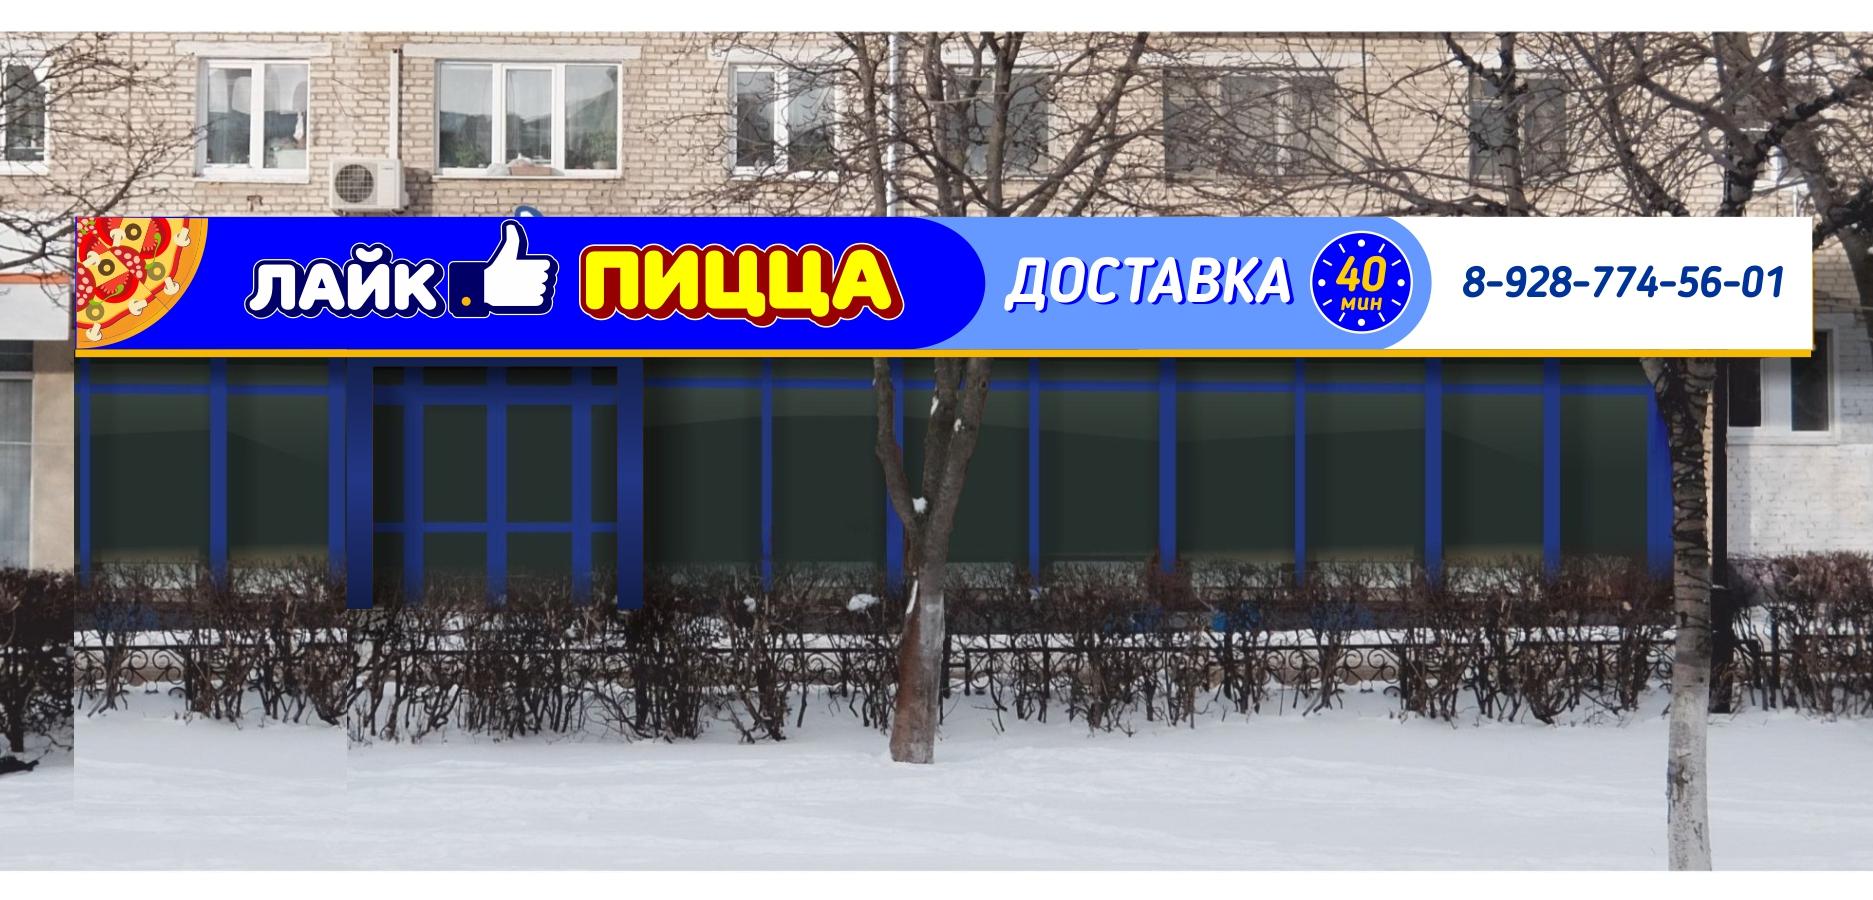 Дизайн уличного козырька с вывеской для пиццерии фото f_0325873f990442c4.jpg